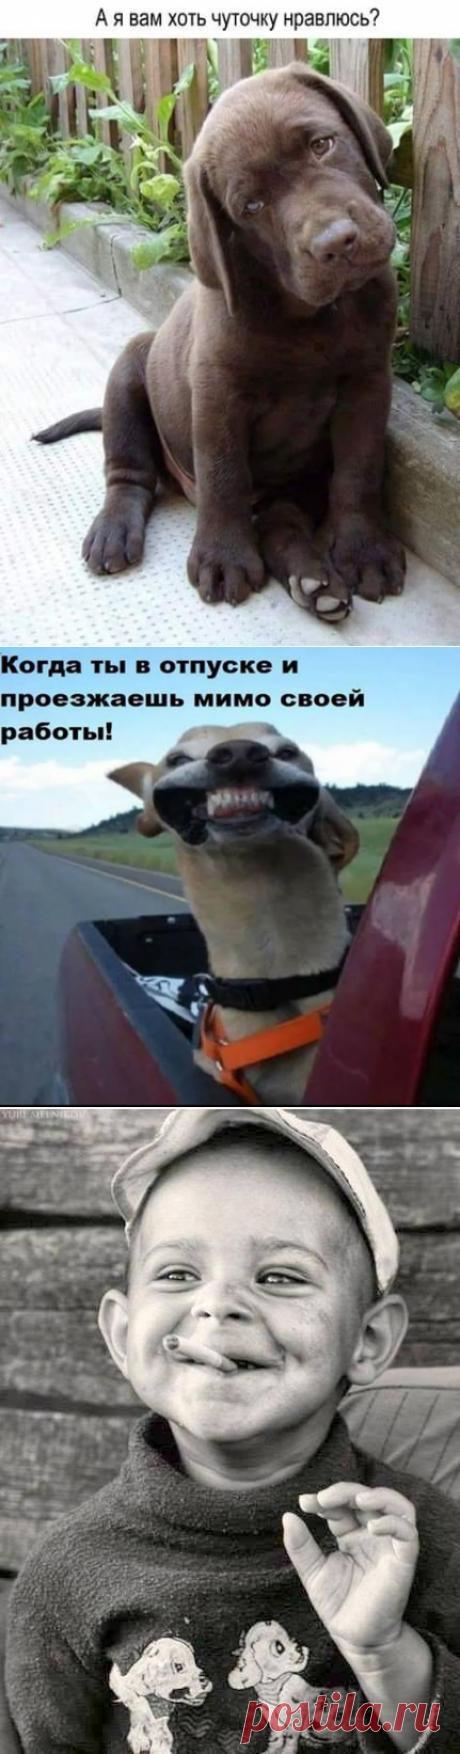 (86) Одесса! Шутит, смеется, прикалывается )